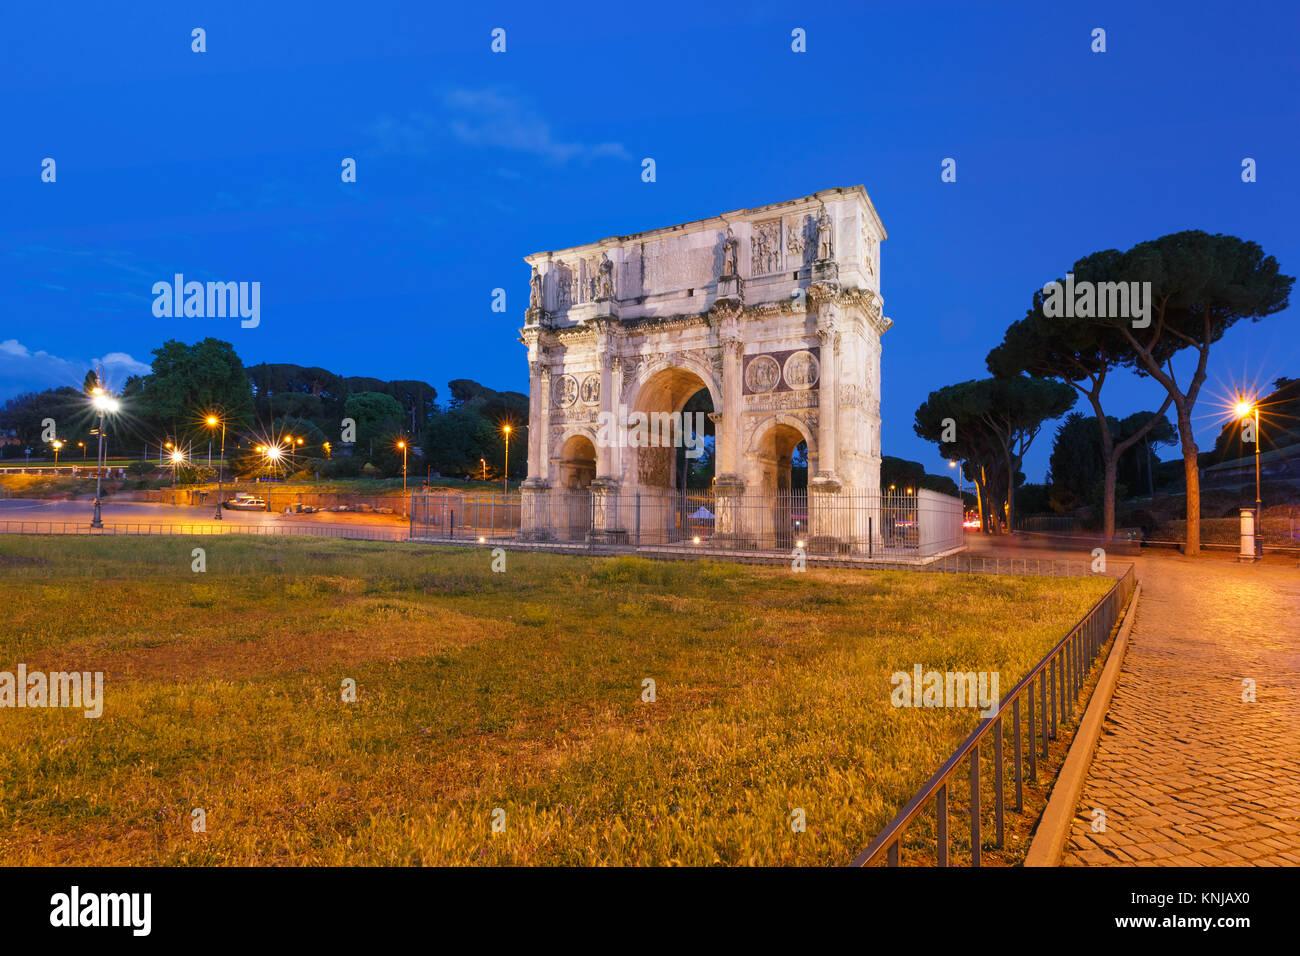 Der Bogen des Titus bei Nacht, Rom, Italien. Stockbild